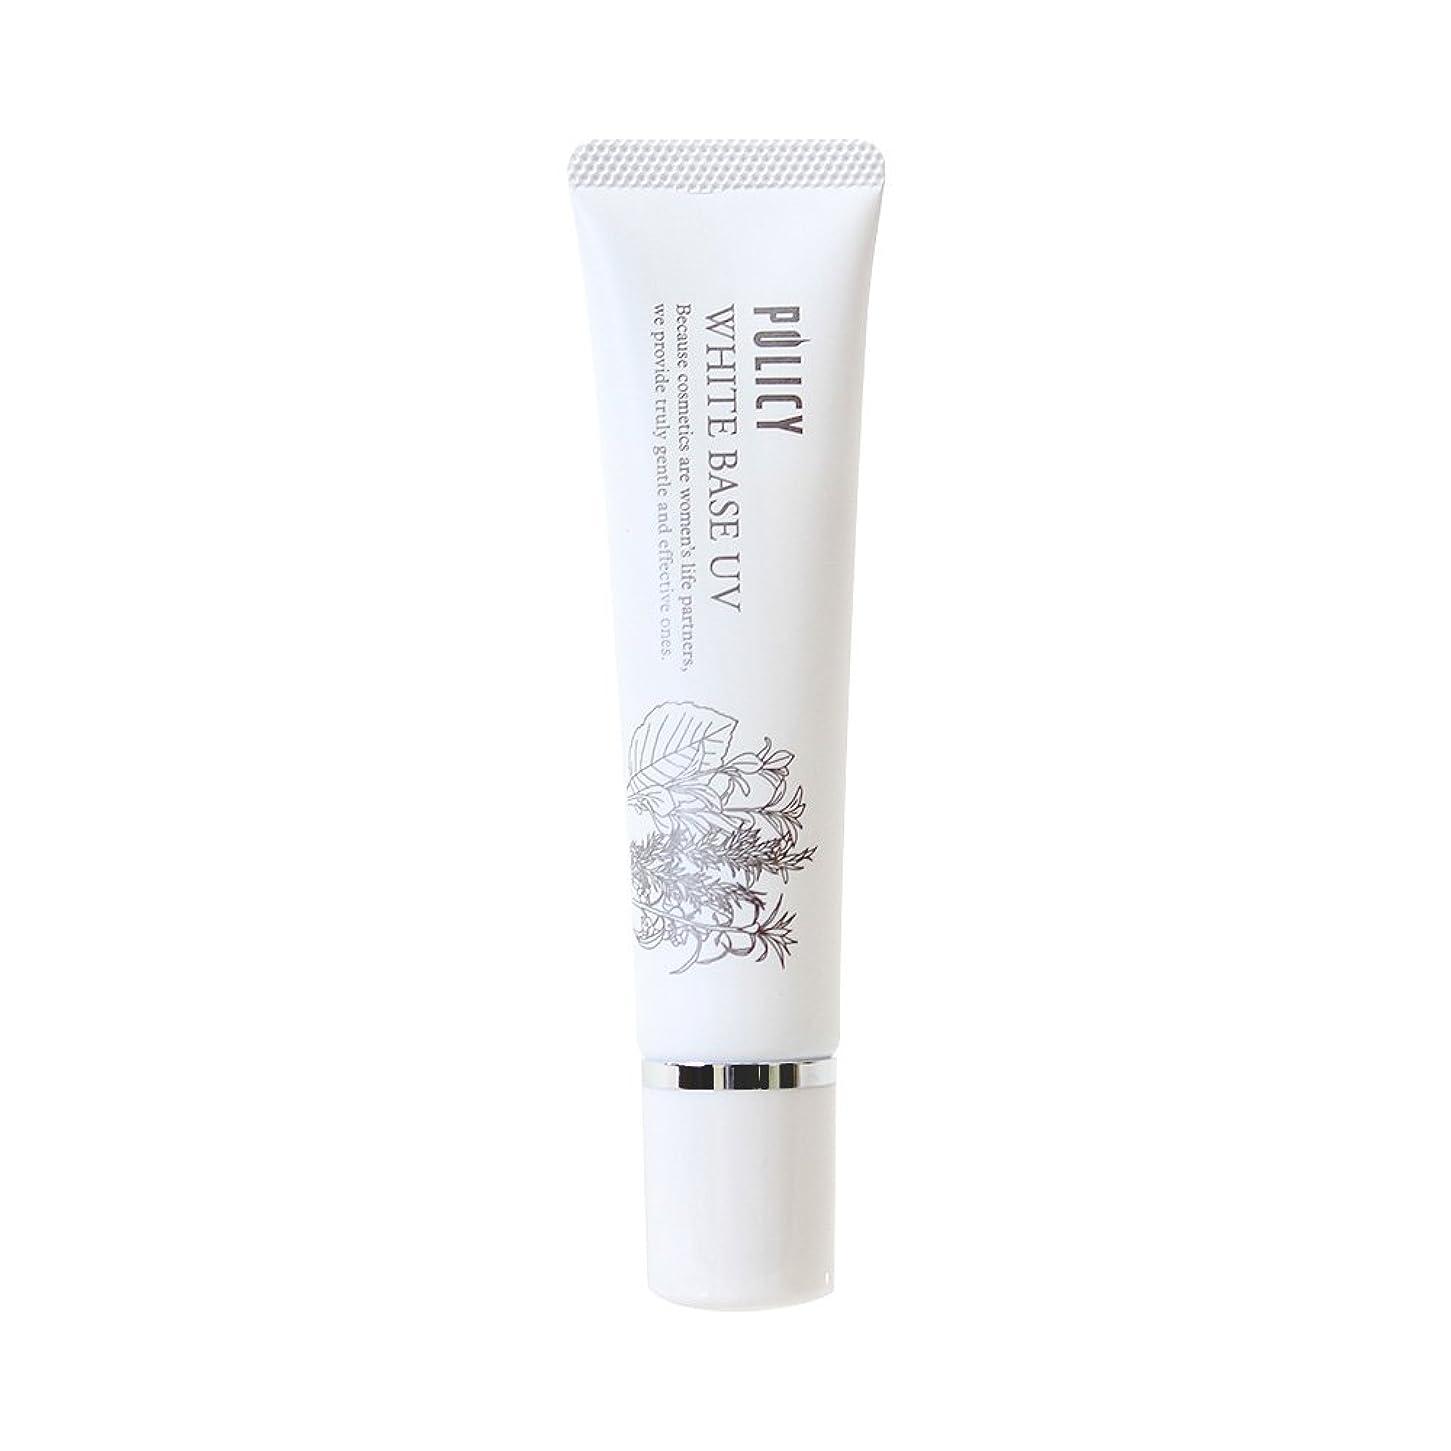 後継人工的なサーバントポリシー化粧品 【メイク下地クリーム】ホワイトベースUV 30g